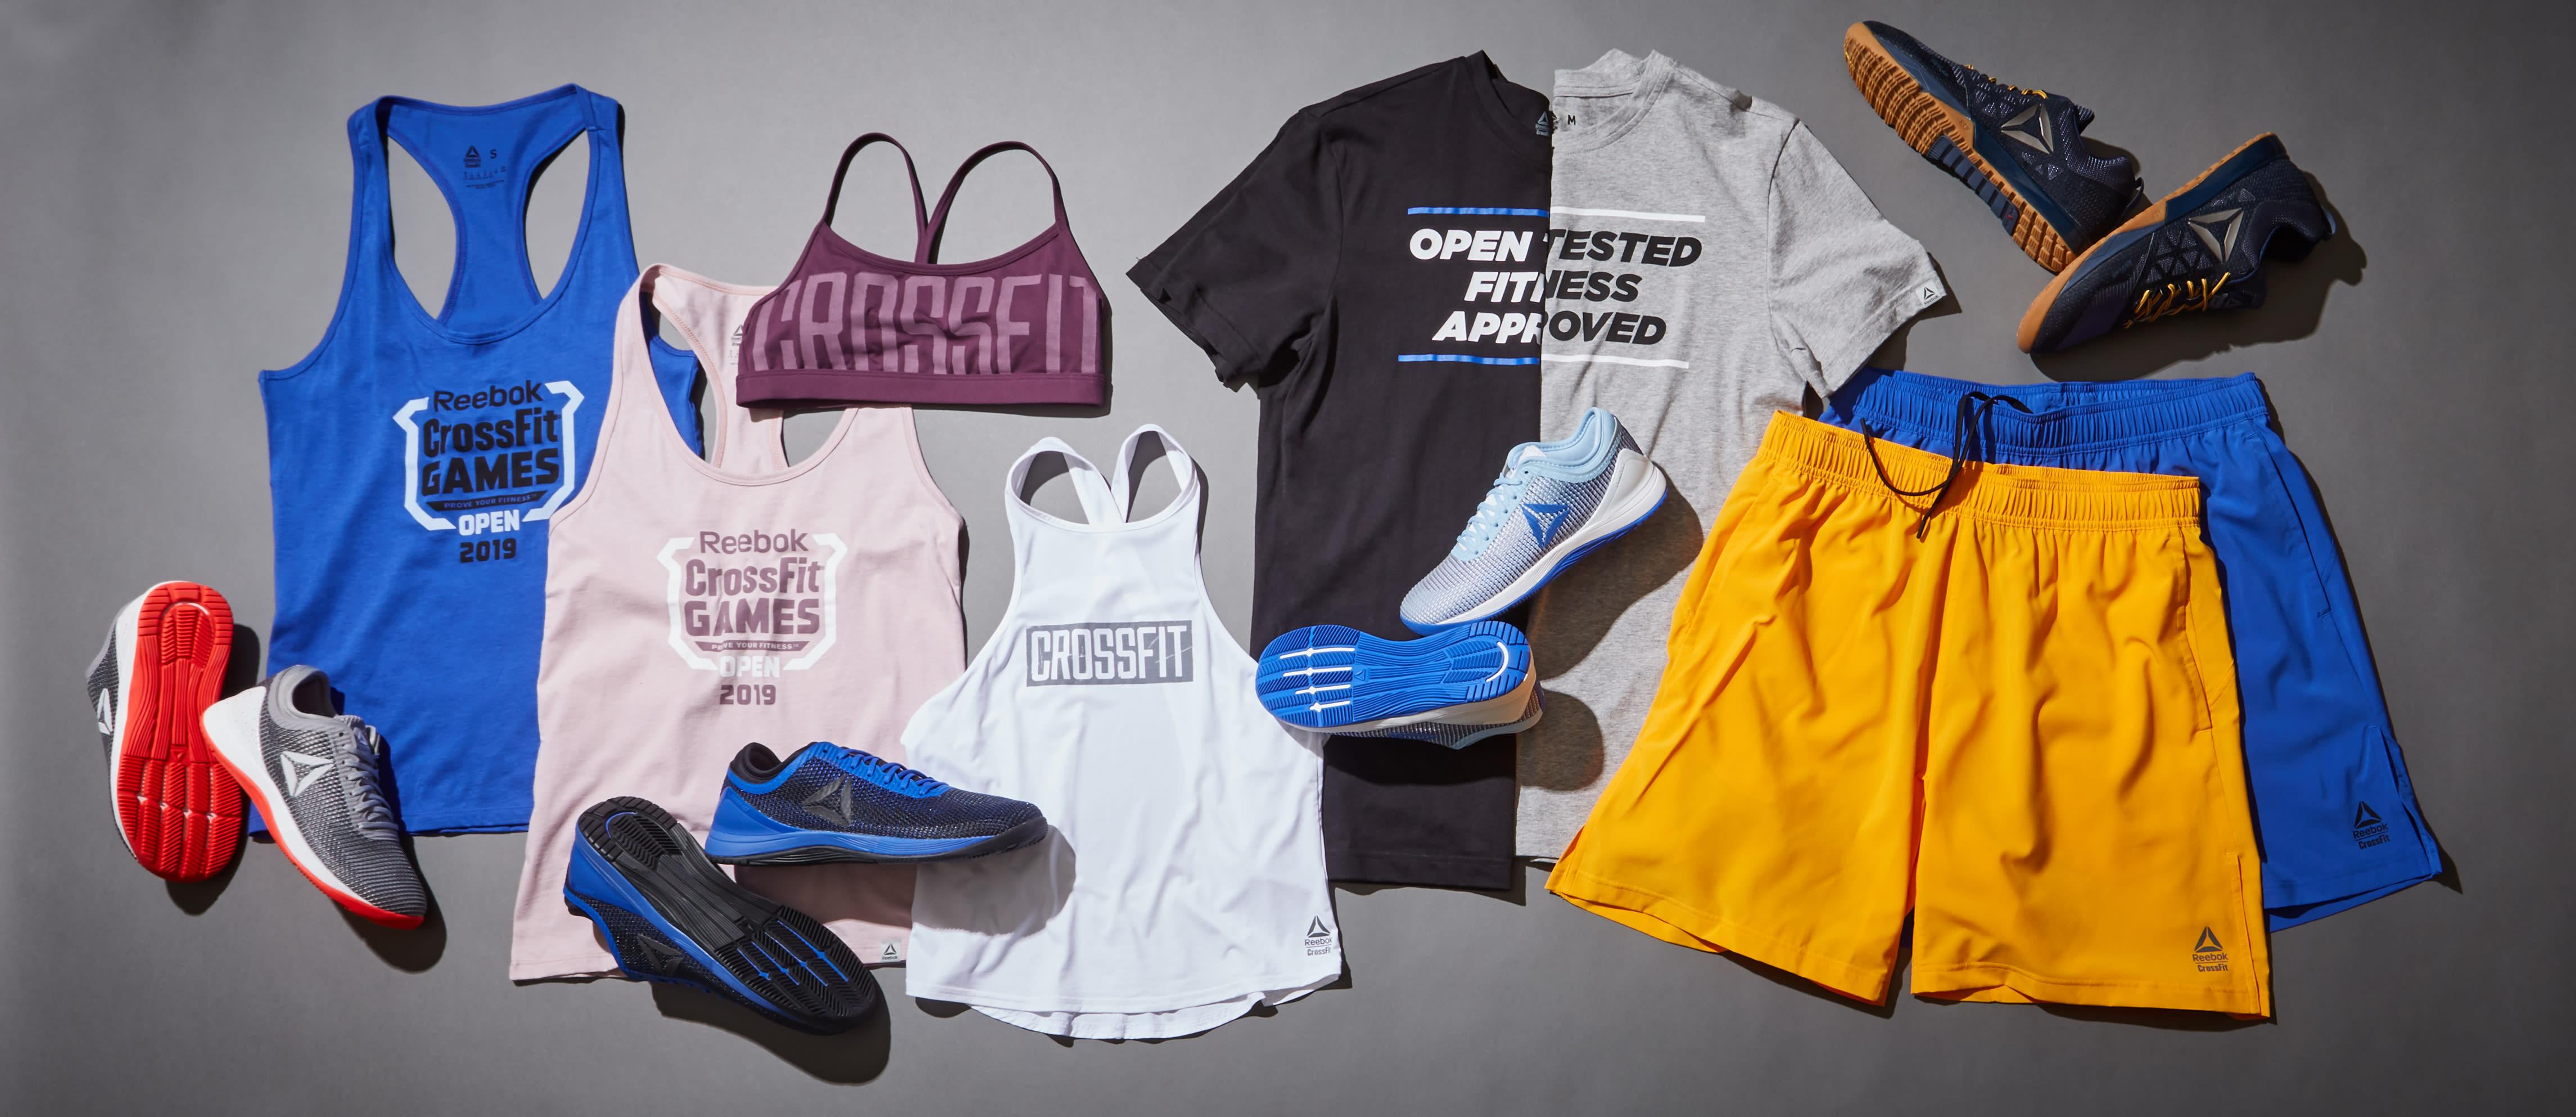 CrossFit-Open-hero-1